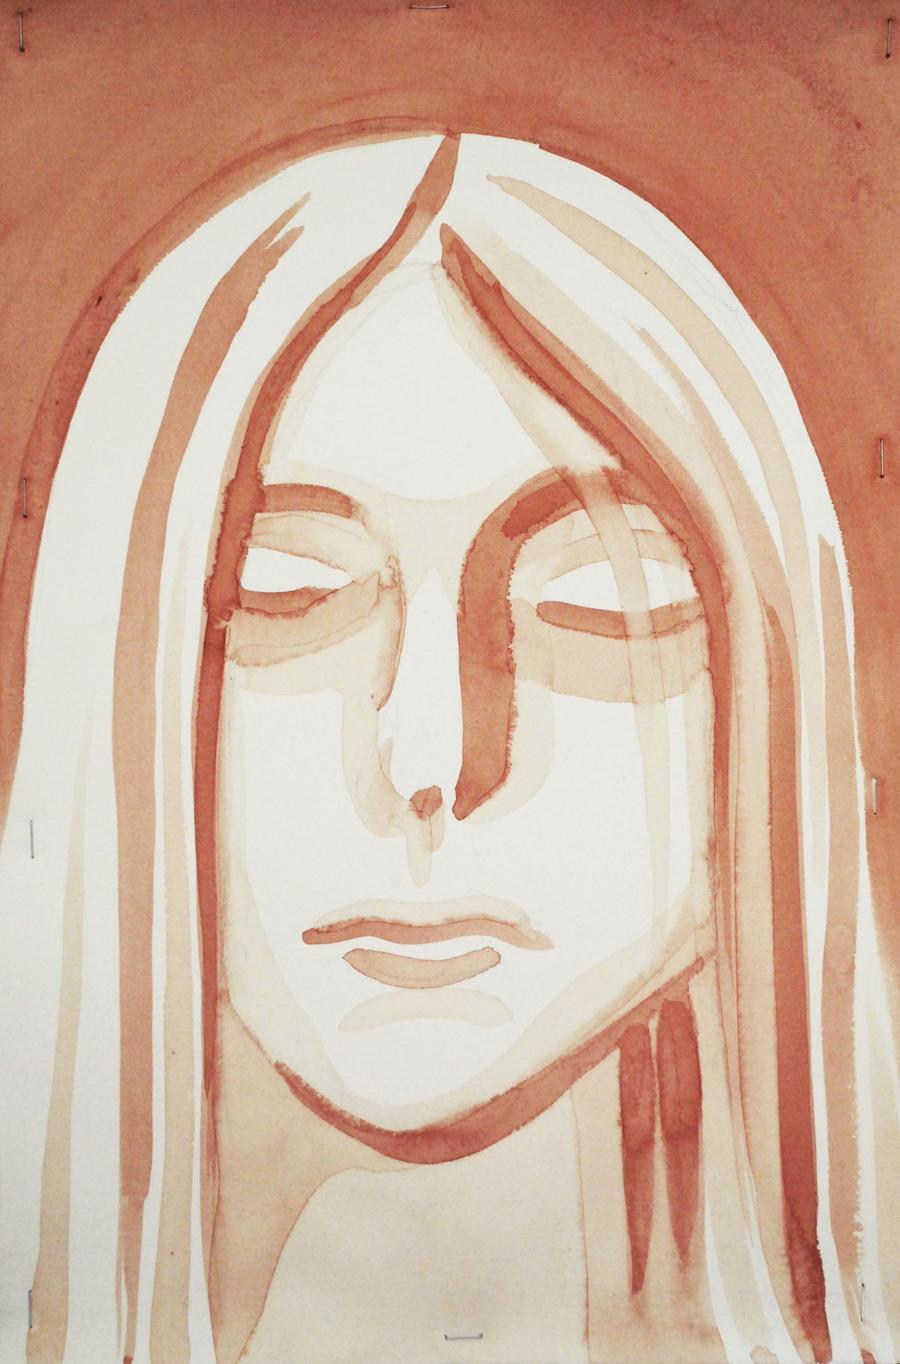 Self-portrait in Blood